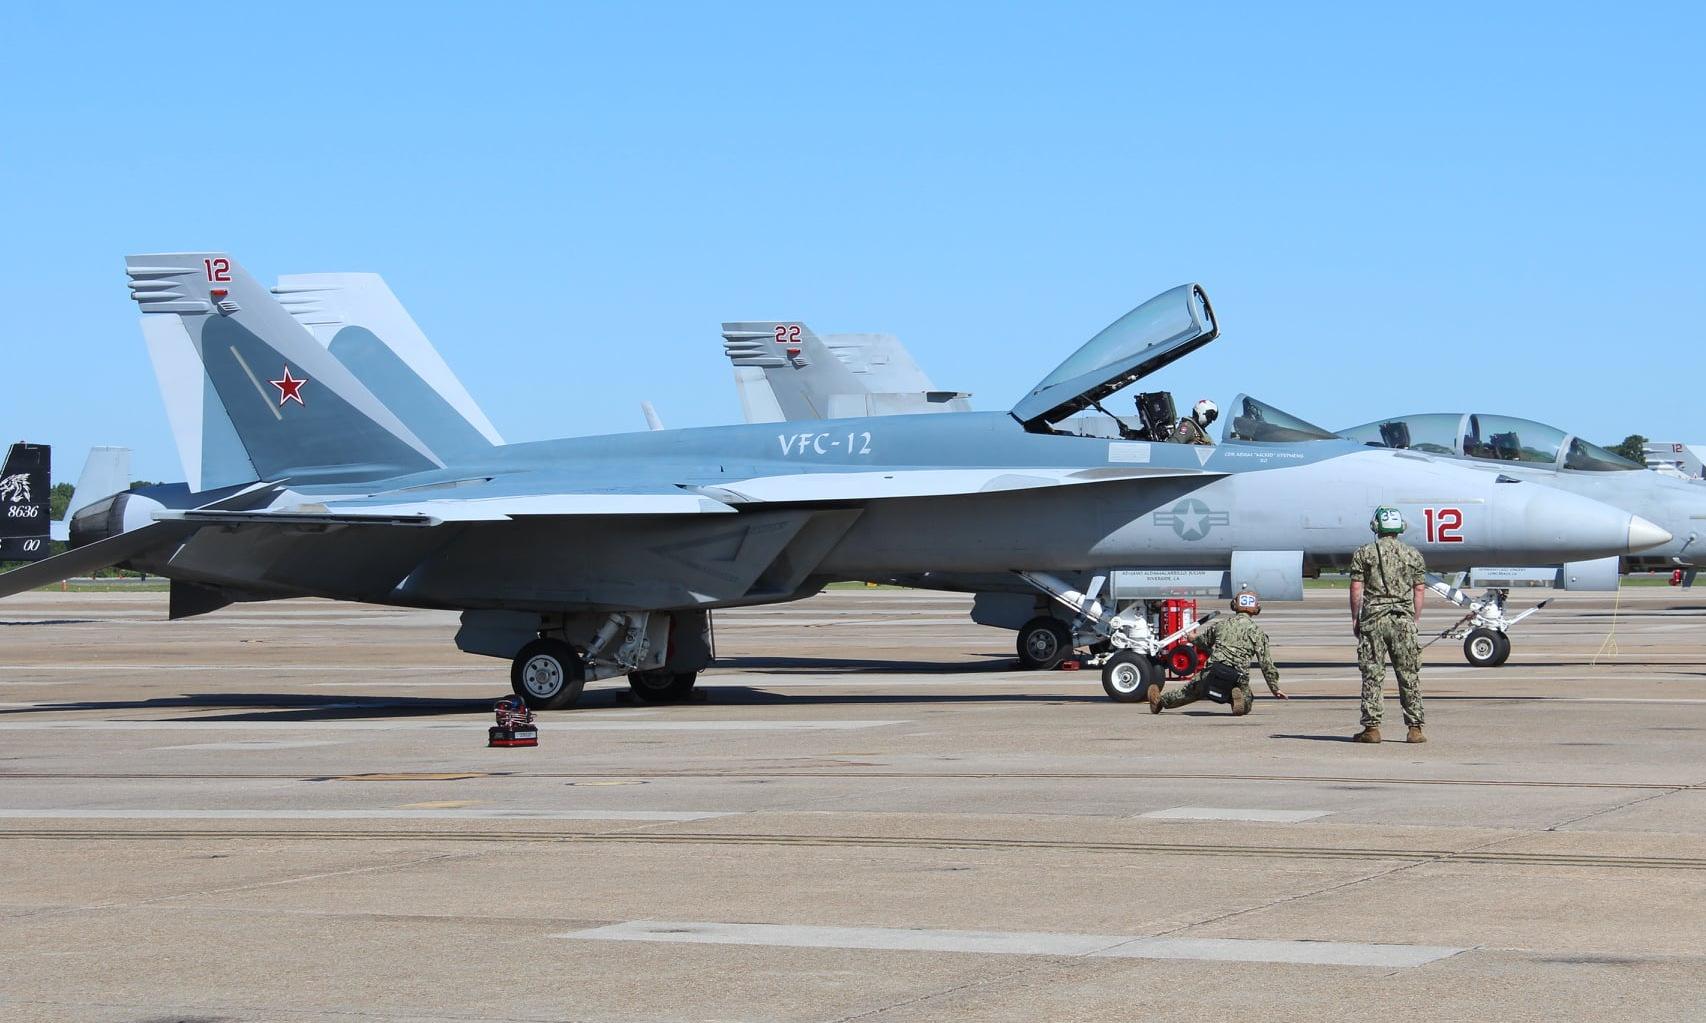 Tiêm kích F/A-18E Mỹ mang màu sơn của chiếc Su-57 Nga. Ảnh: VFC-12.